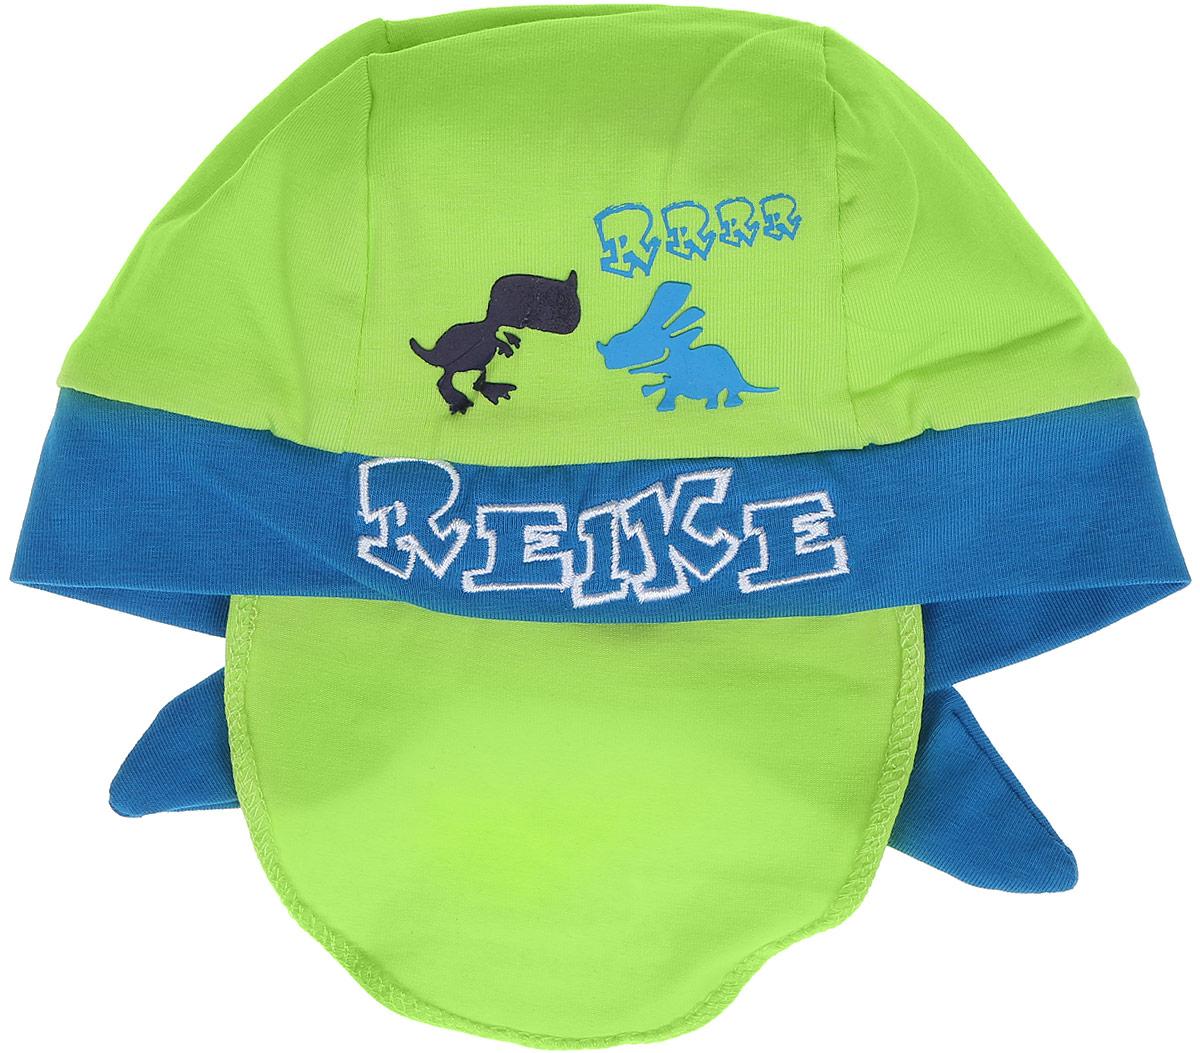 Бандана для мальчика Reike Динозаврики, цвет: зеленый, голубой. RKNSS17-DIN8. Размер 46RKNSS17-DIN8_green/blueБандана для мальчика Reike Динозаврики, изготовленная из натурального хлопка, станет стильным аксессуаром во время прогулок и игр на свежем воздухе, защищая голову малыша от солнца и ветра. Бандана оформлена принтом в стиле серии и вышитой надписью с названием бренда и фиксируется на голове широкими завязками.Уважаемые клиенты!Размер, доступный для заказа, является обхватом головы.